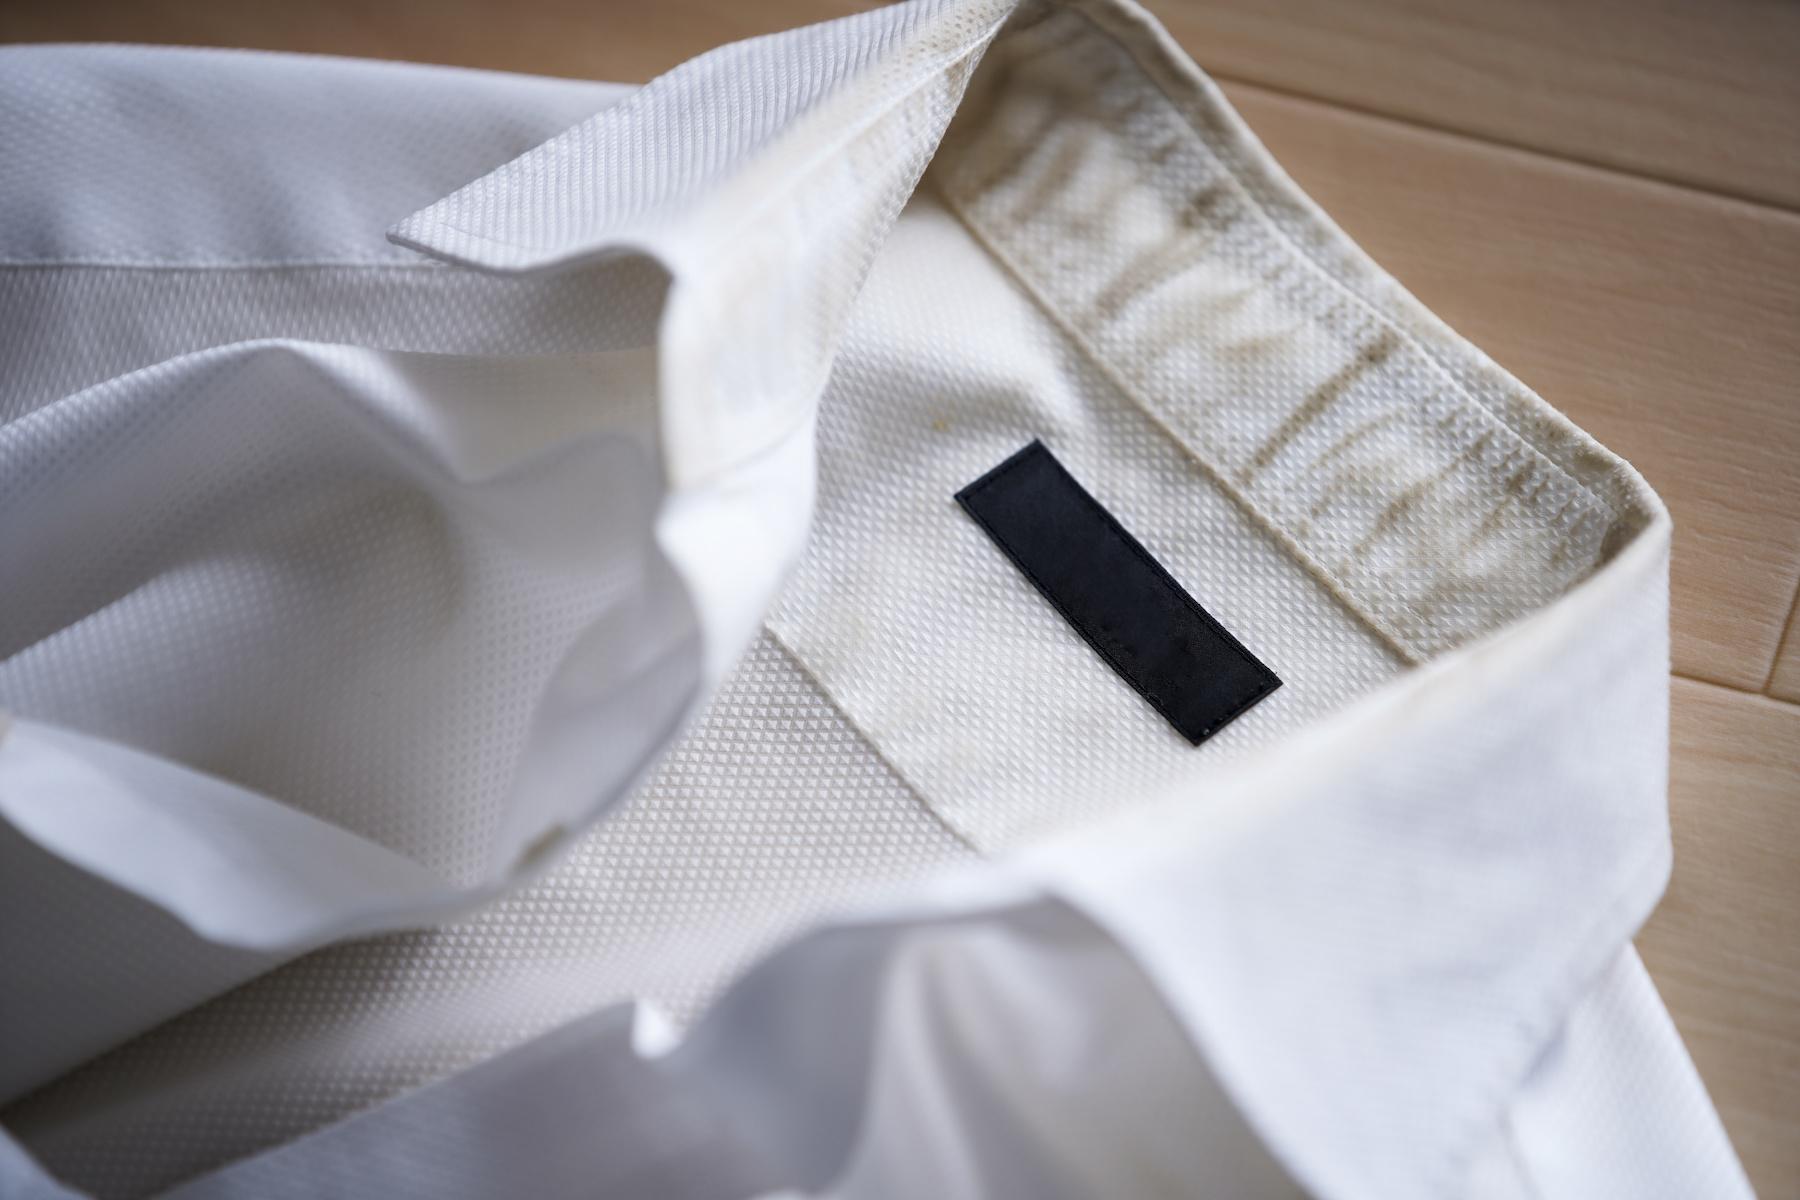 Jak usunąć żółte plamy pod pachami z koszul i pobrudzone mankiety oraz jak odczyścić kołnierzyk?